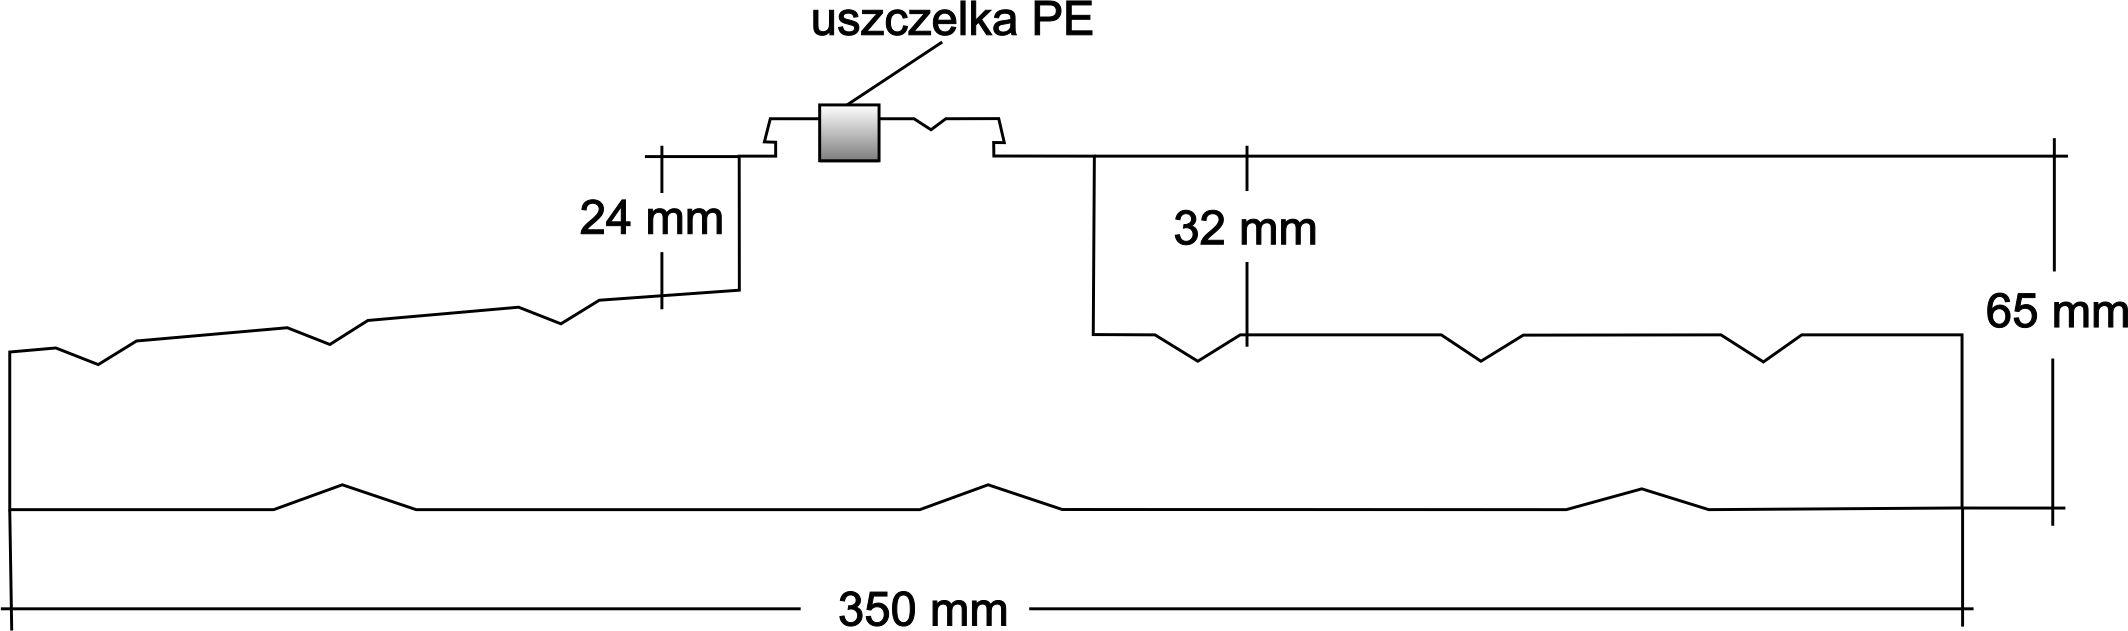 ciepły parapet standardowe wymiary